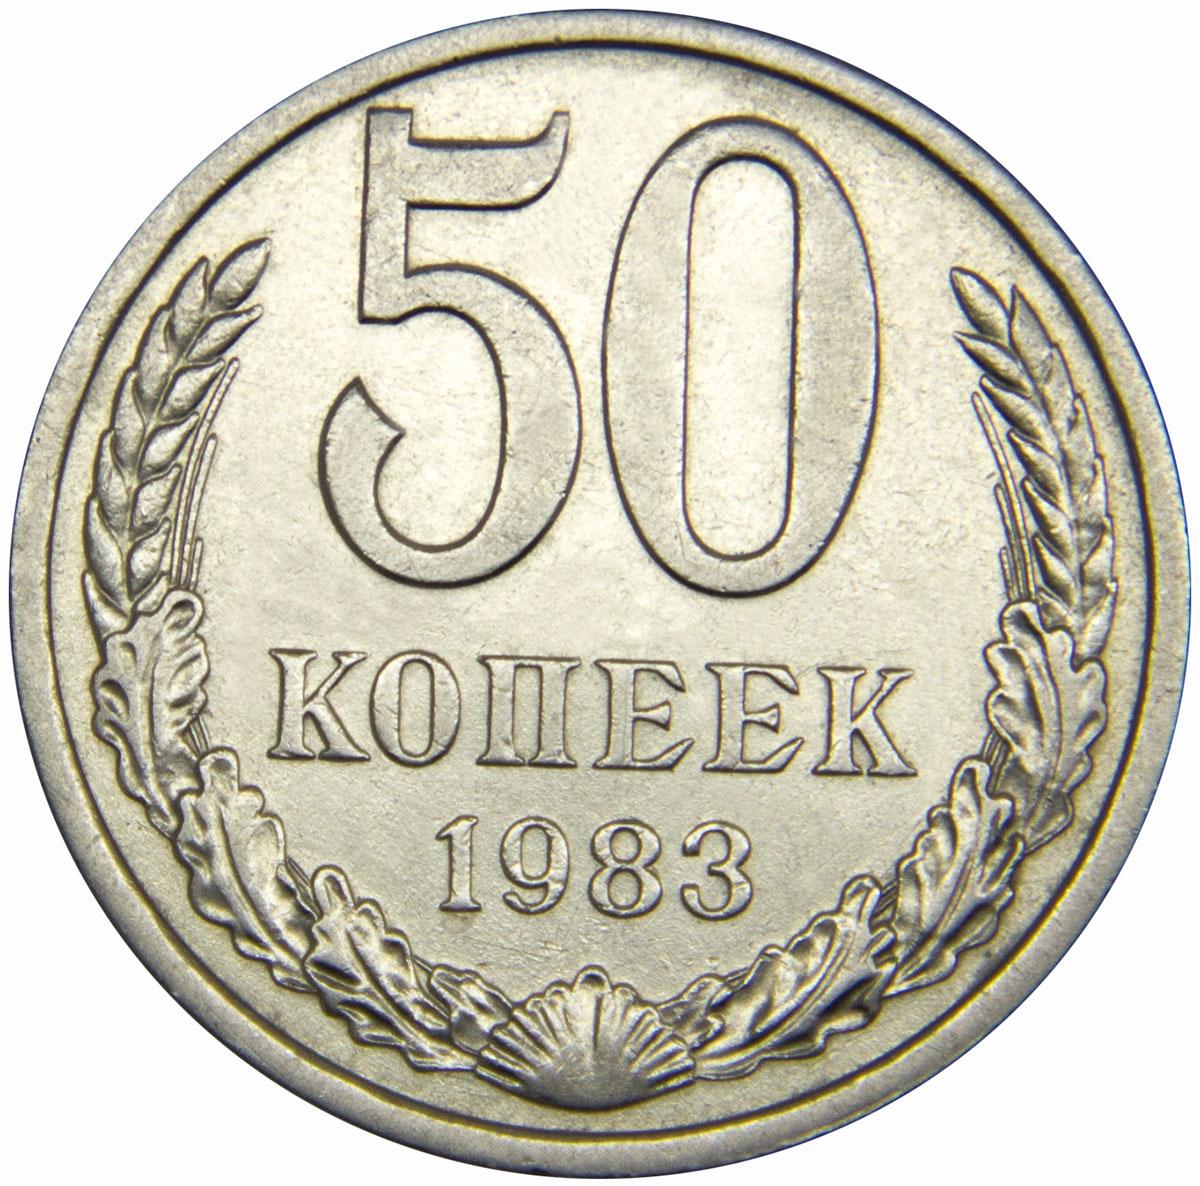 Монета номиналом 50 копеек. Медно-никелевый сплав. Сохранность VF. СССР, 1983 год